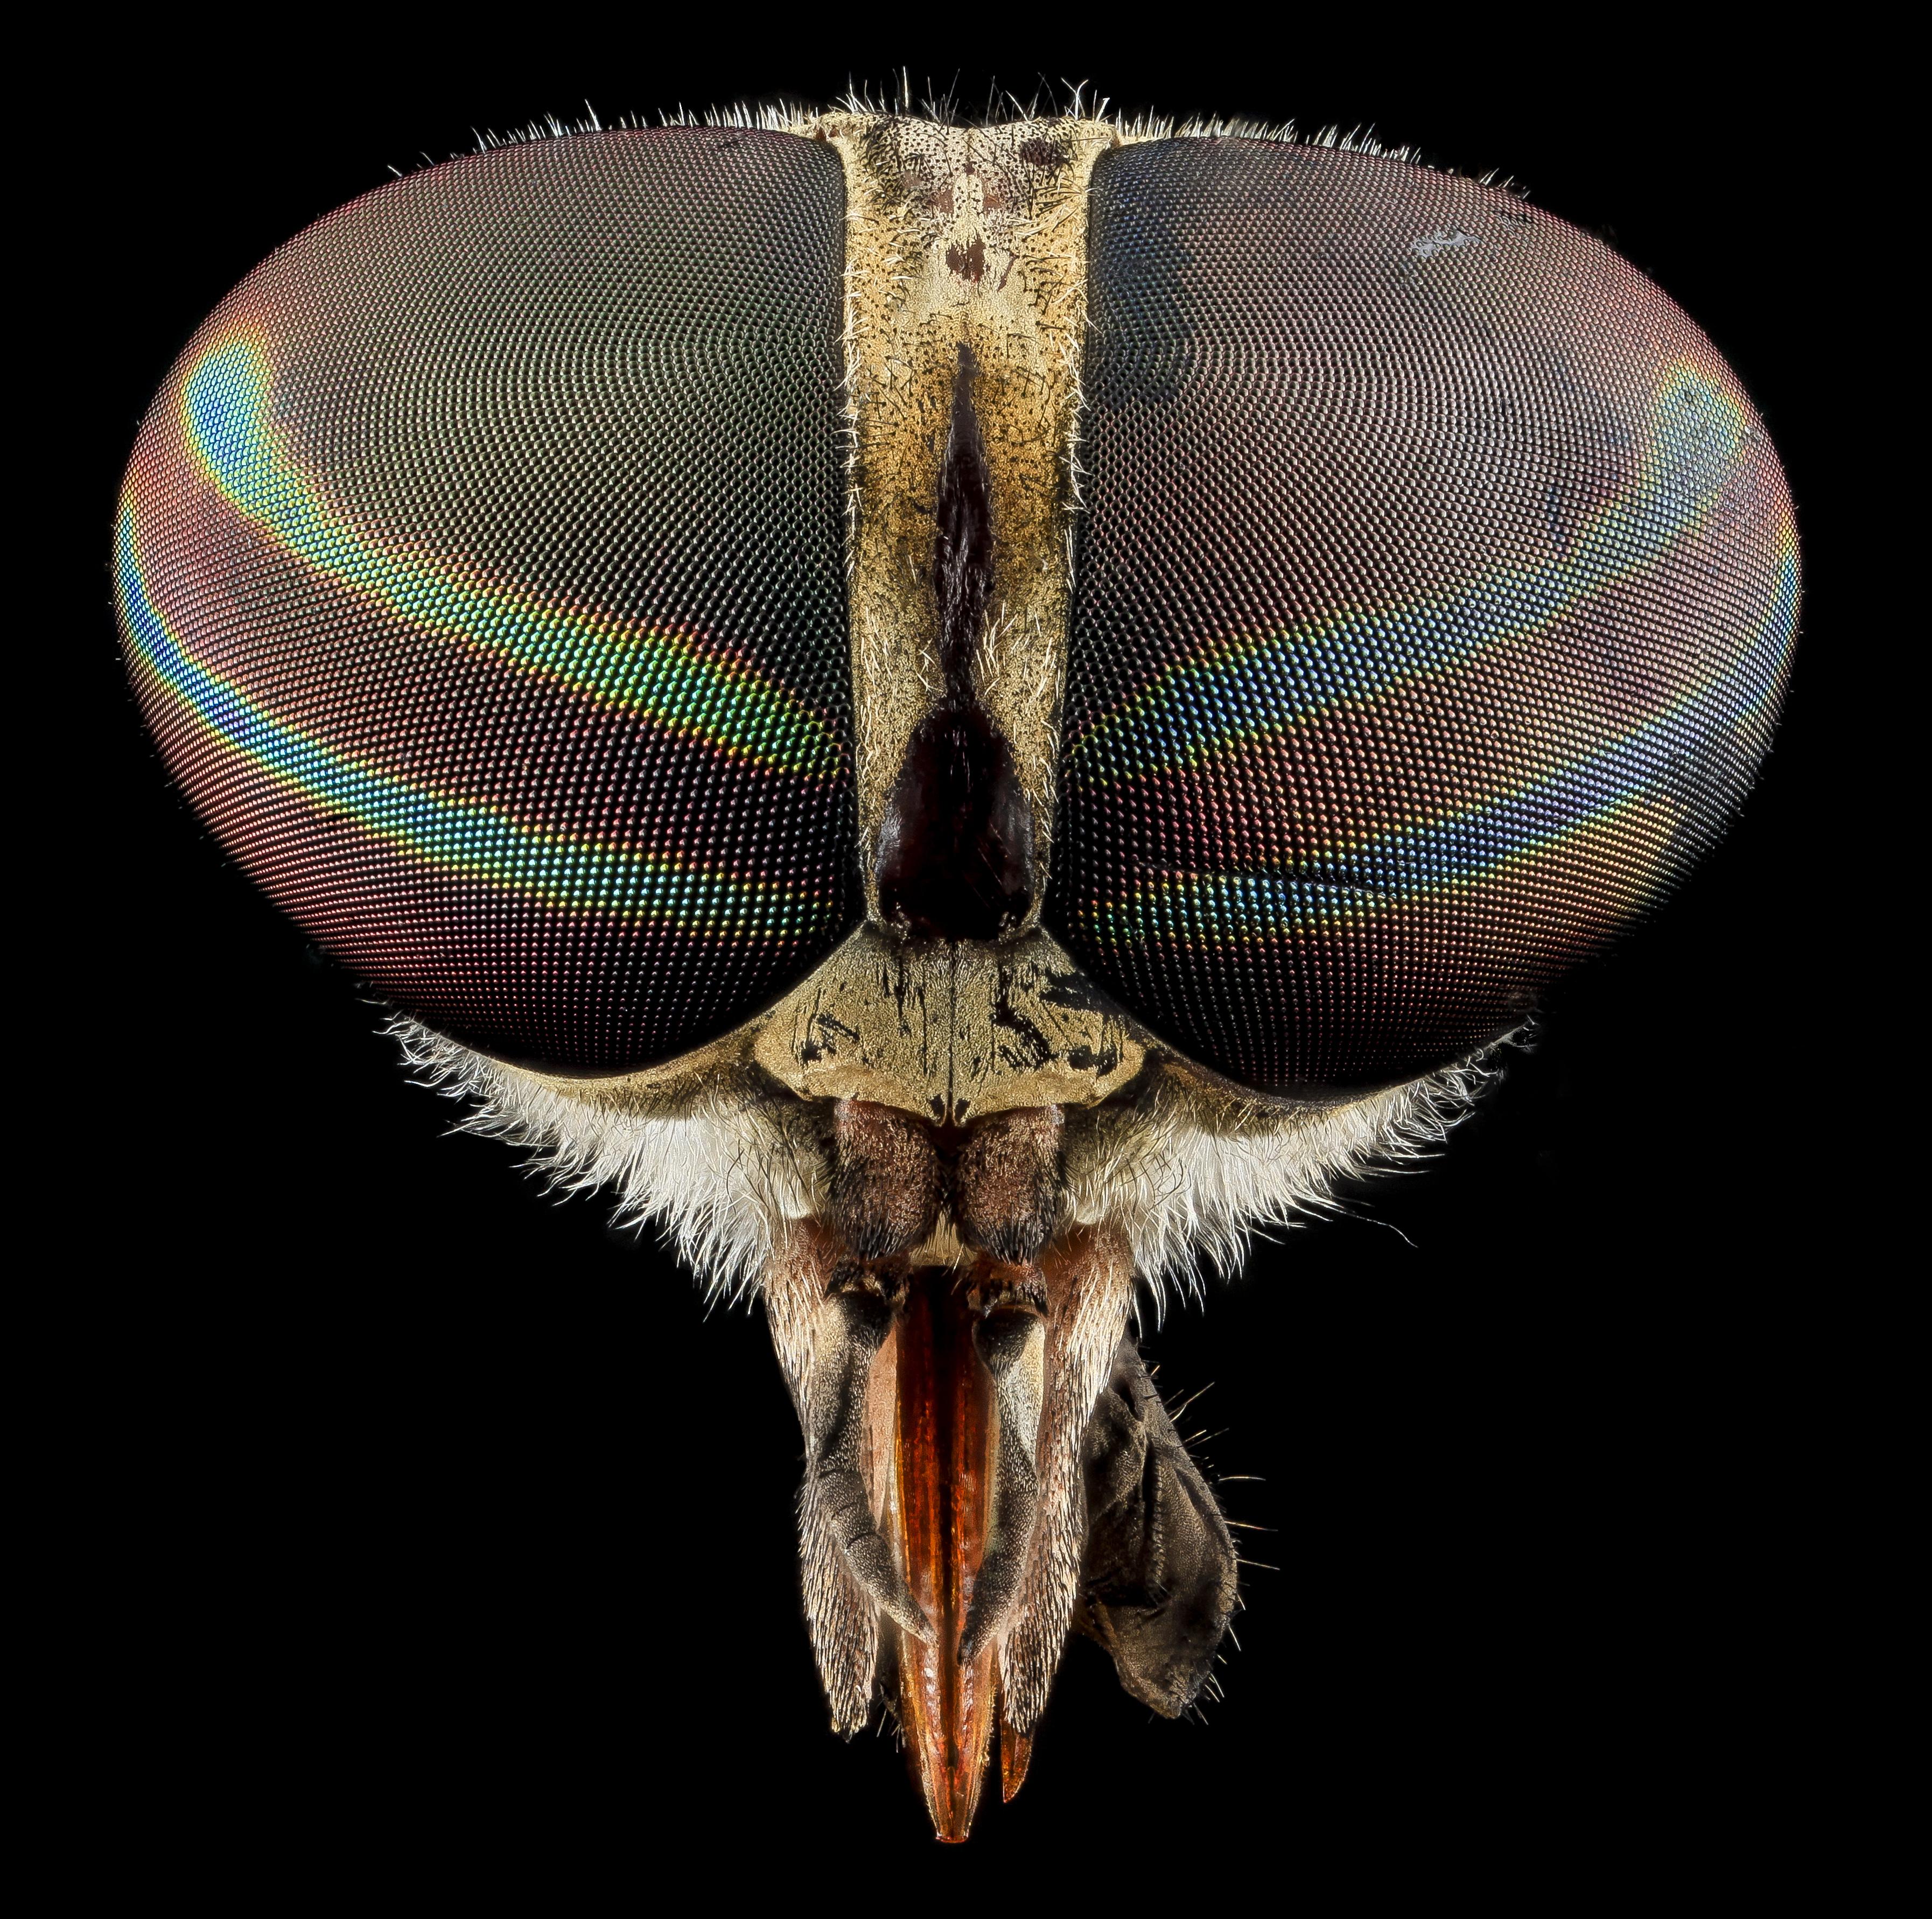 tamoxifen méhnyakrákja